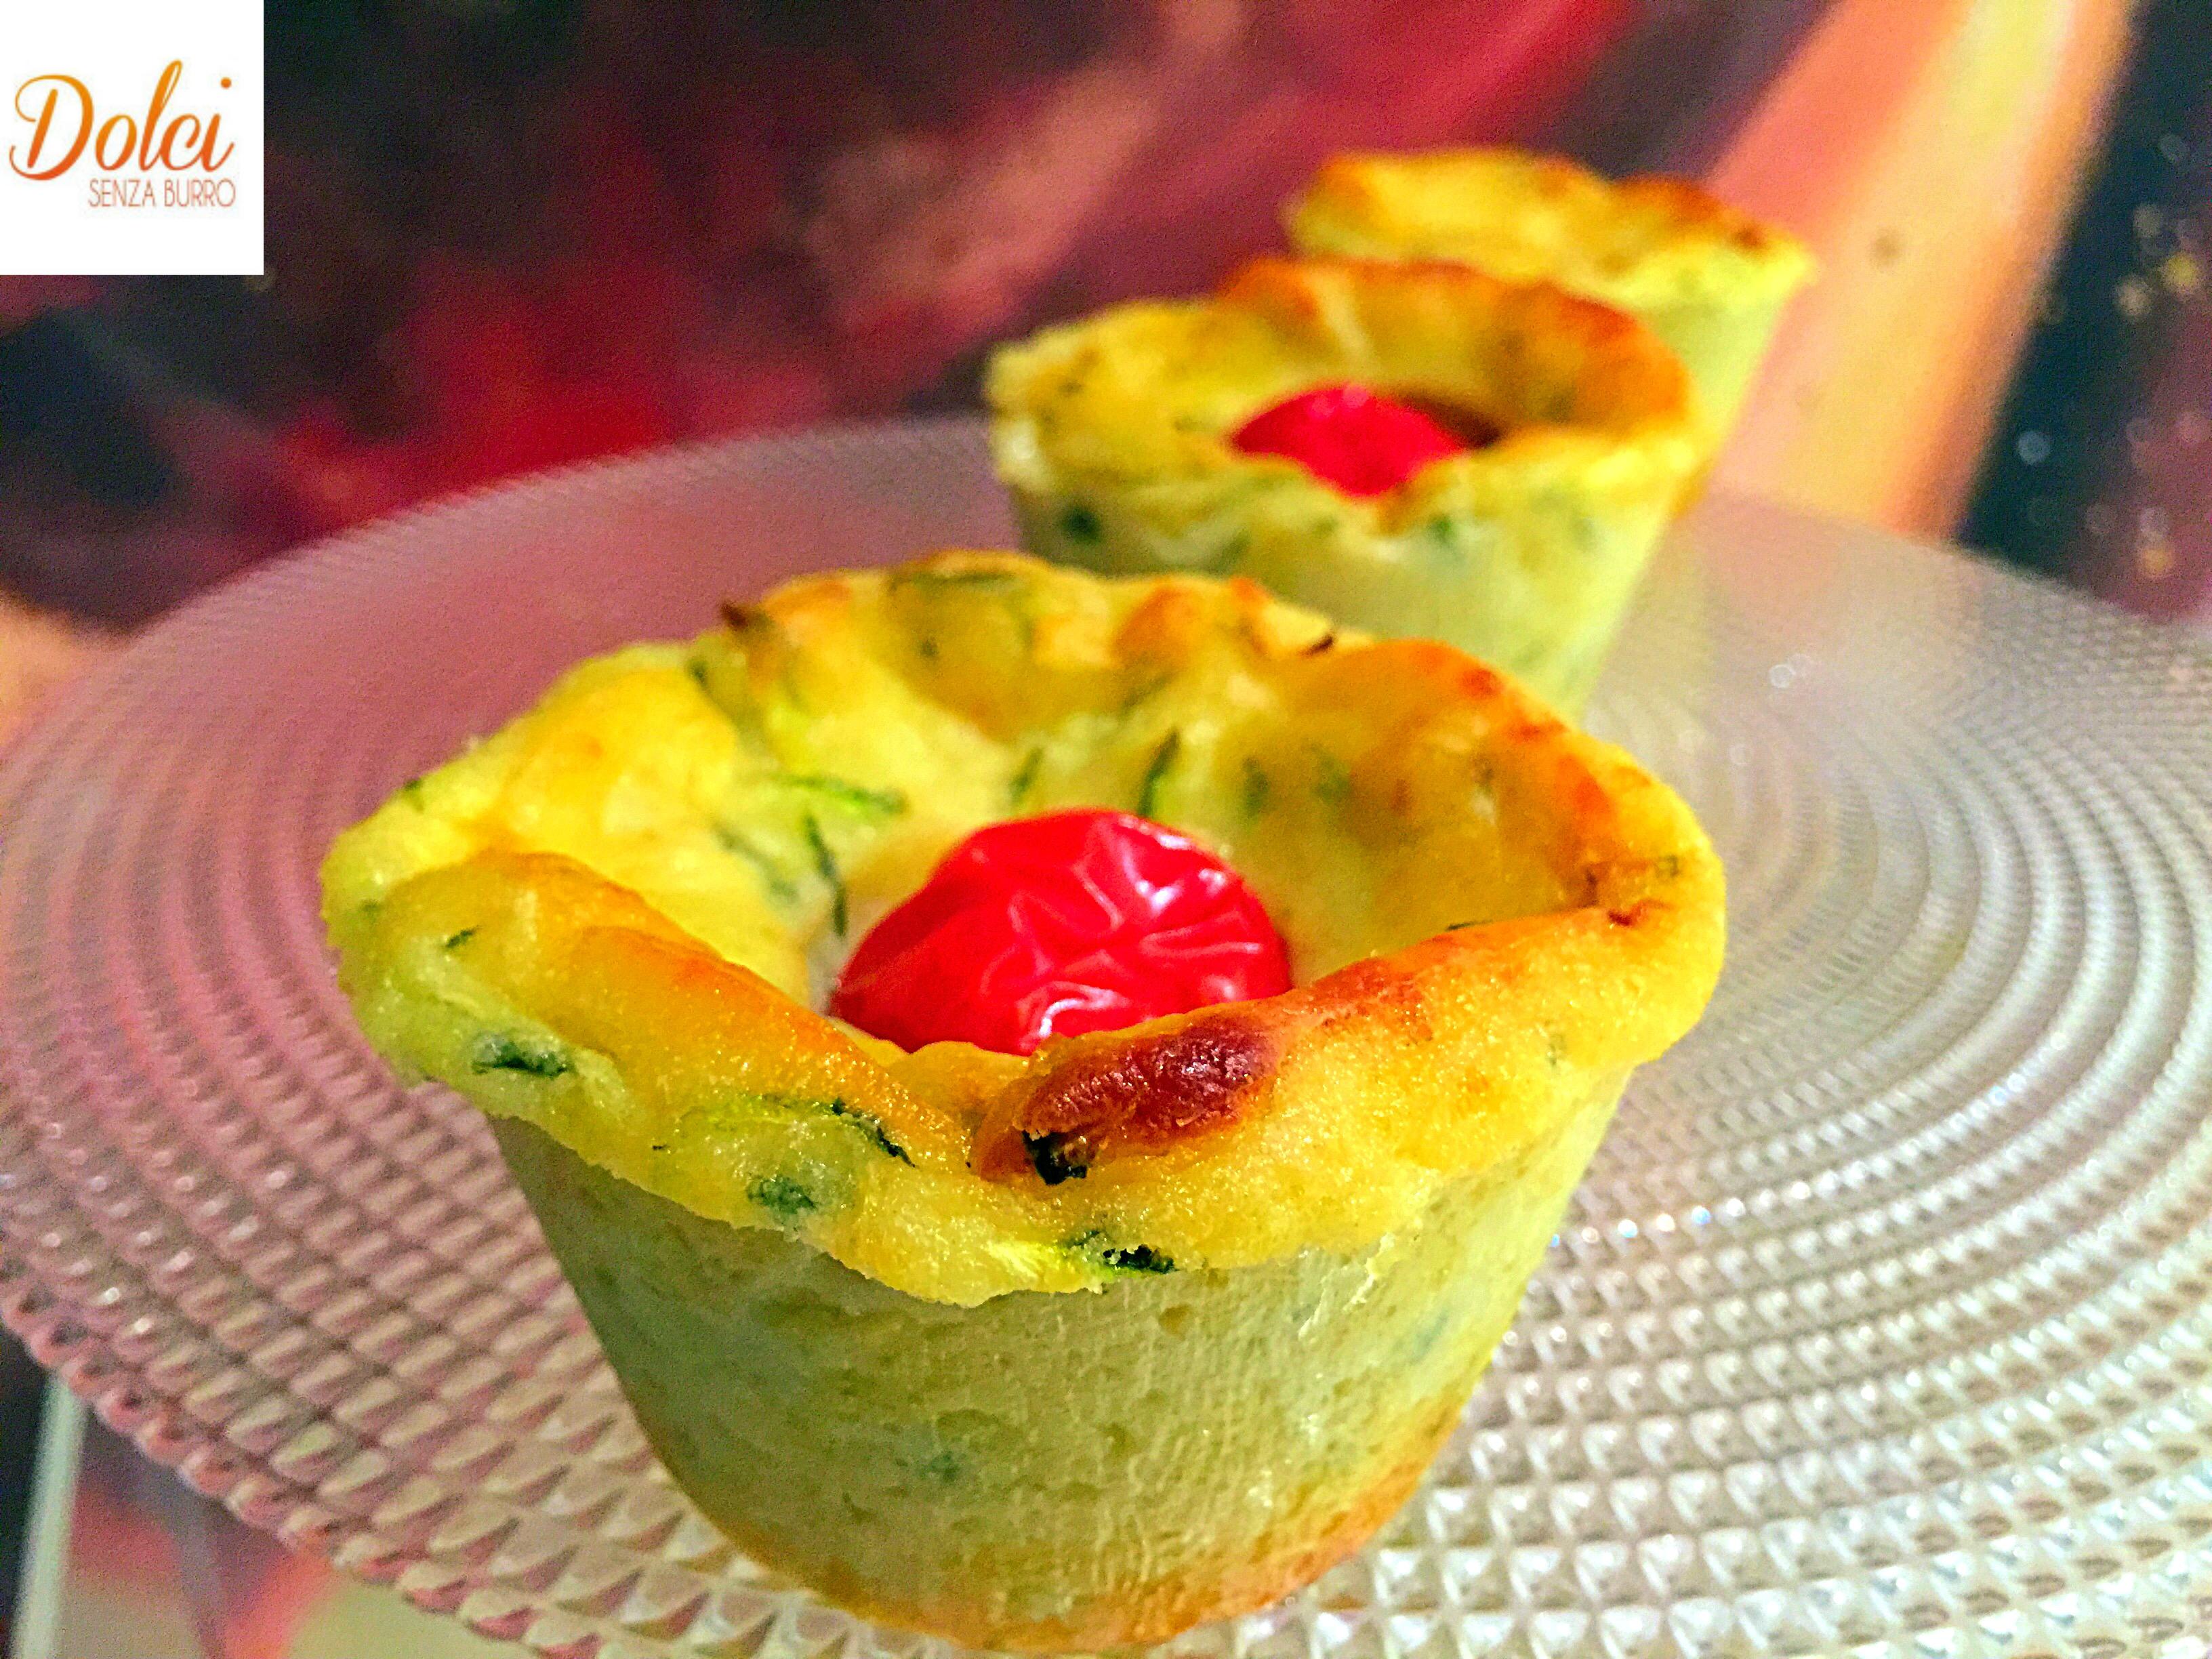 Muffin di Zucchine e Ricotta, i golosi muffin salati preparati con cuko di Imetec da dolci senza burro